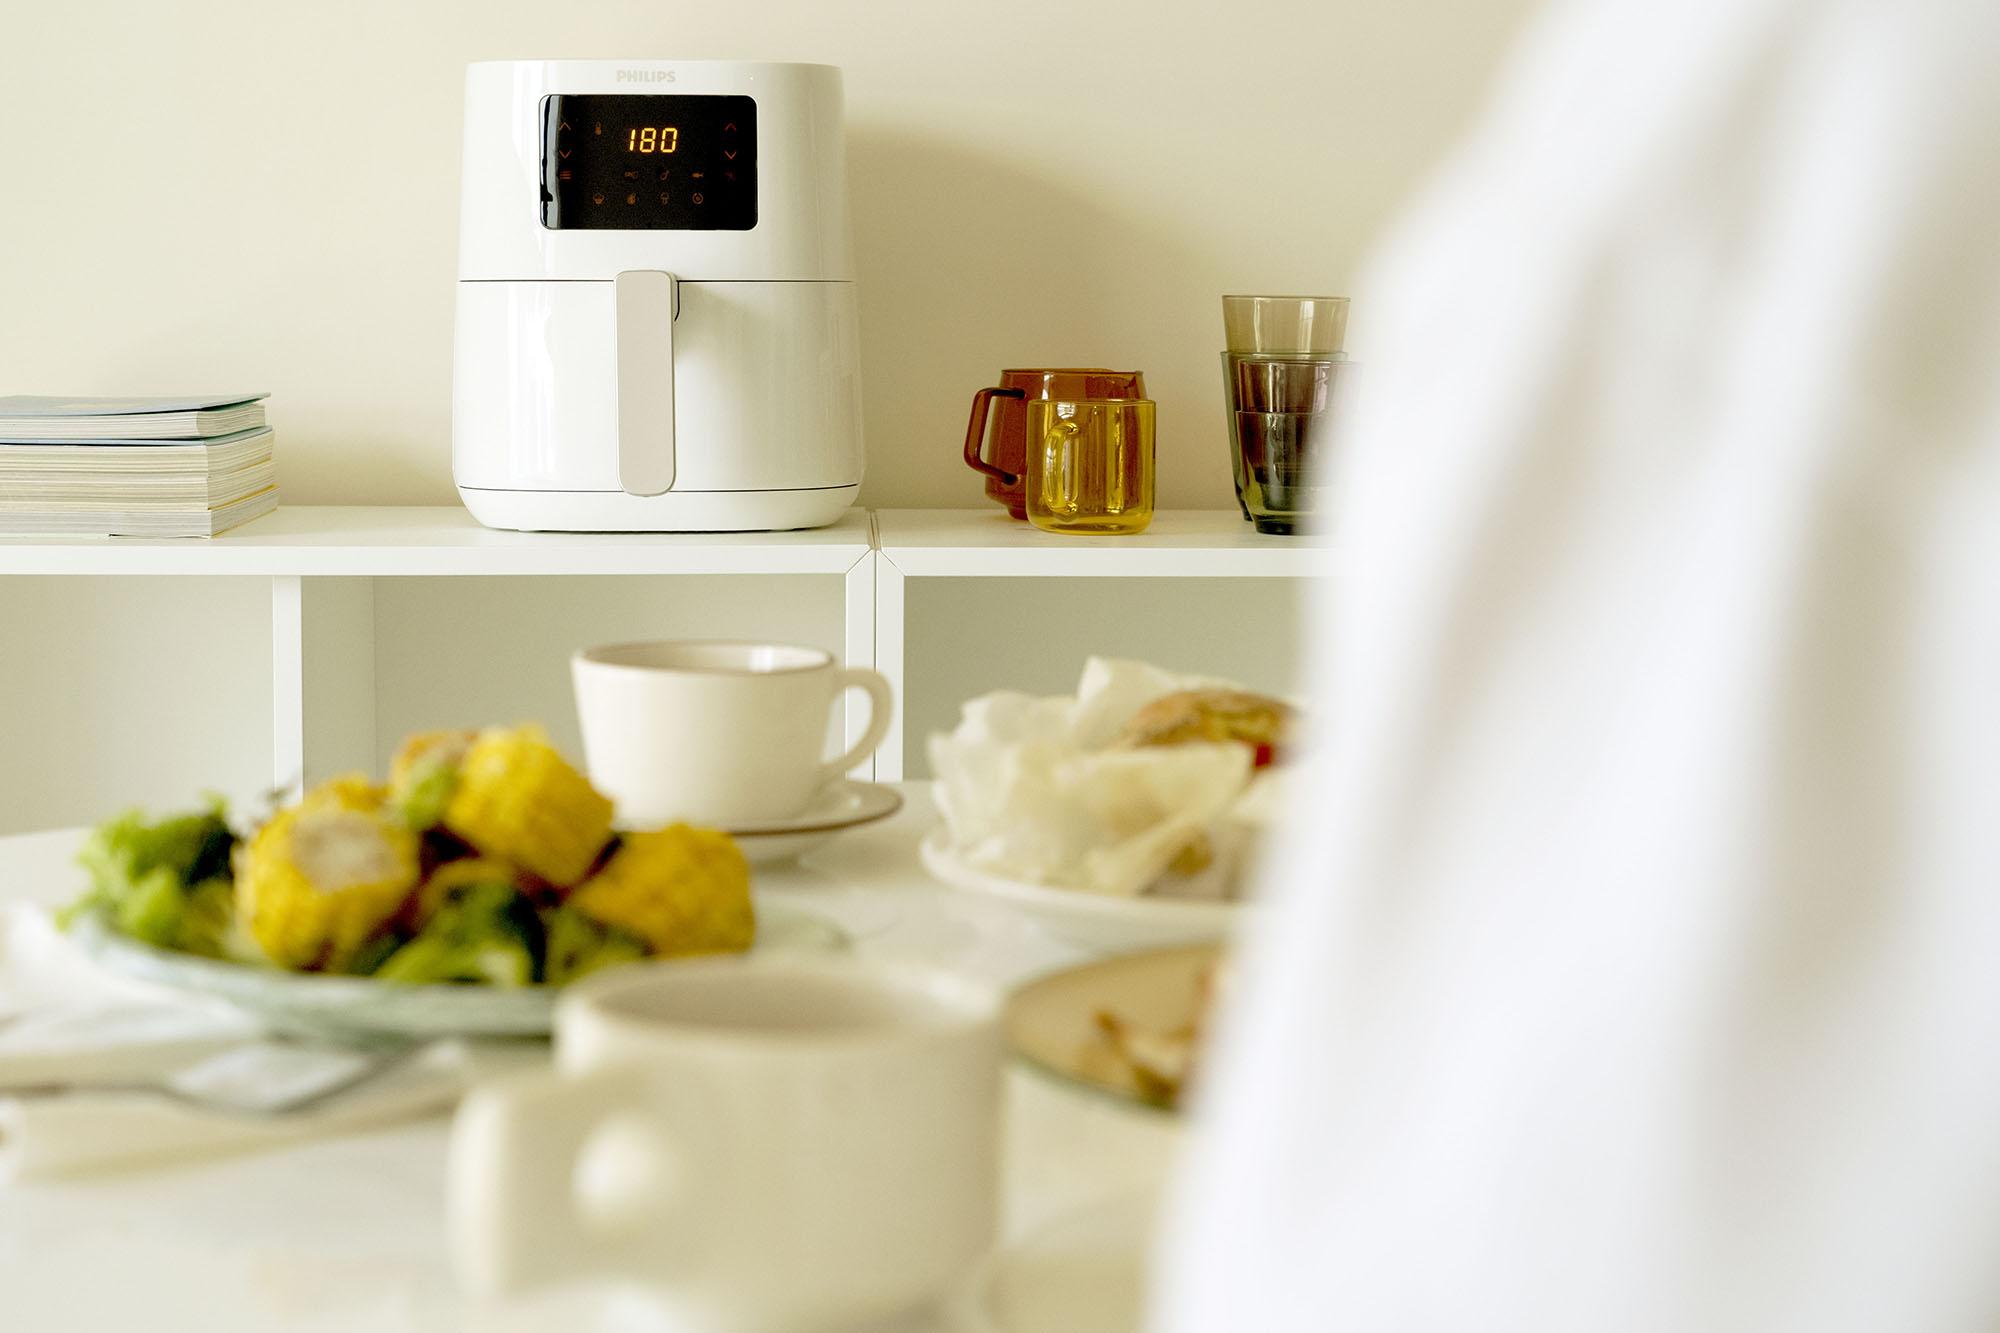 網站近期文章:想念的早午餐,我用飛利浦氣炸鍋HD9252輕鬆又快速美味上桌。